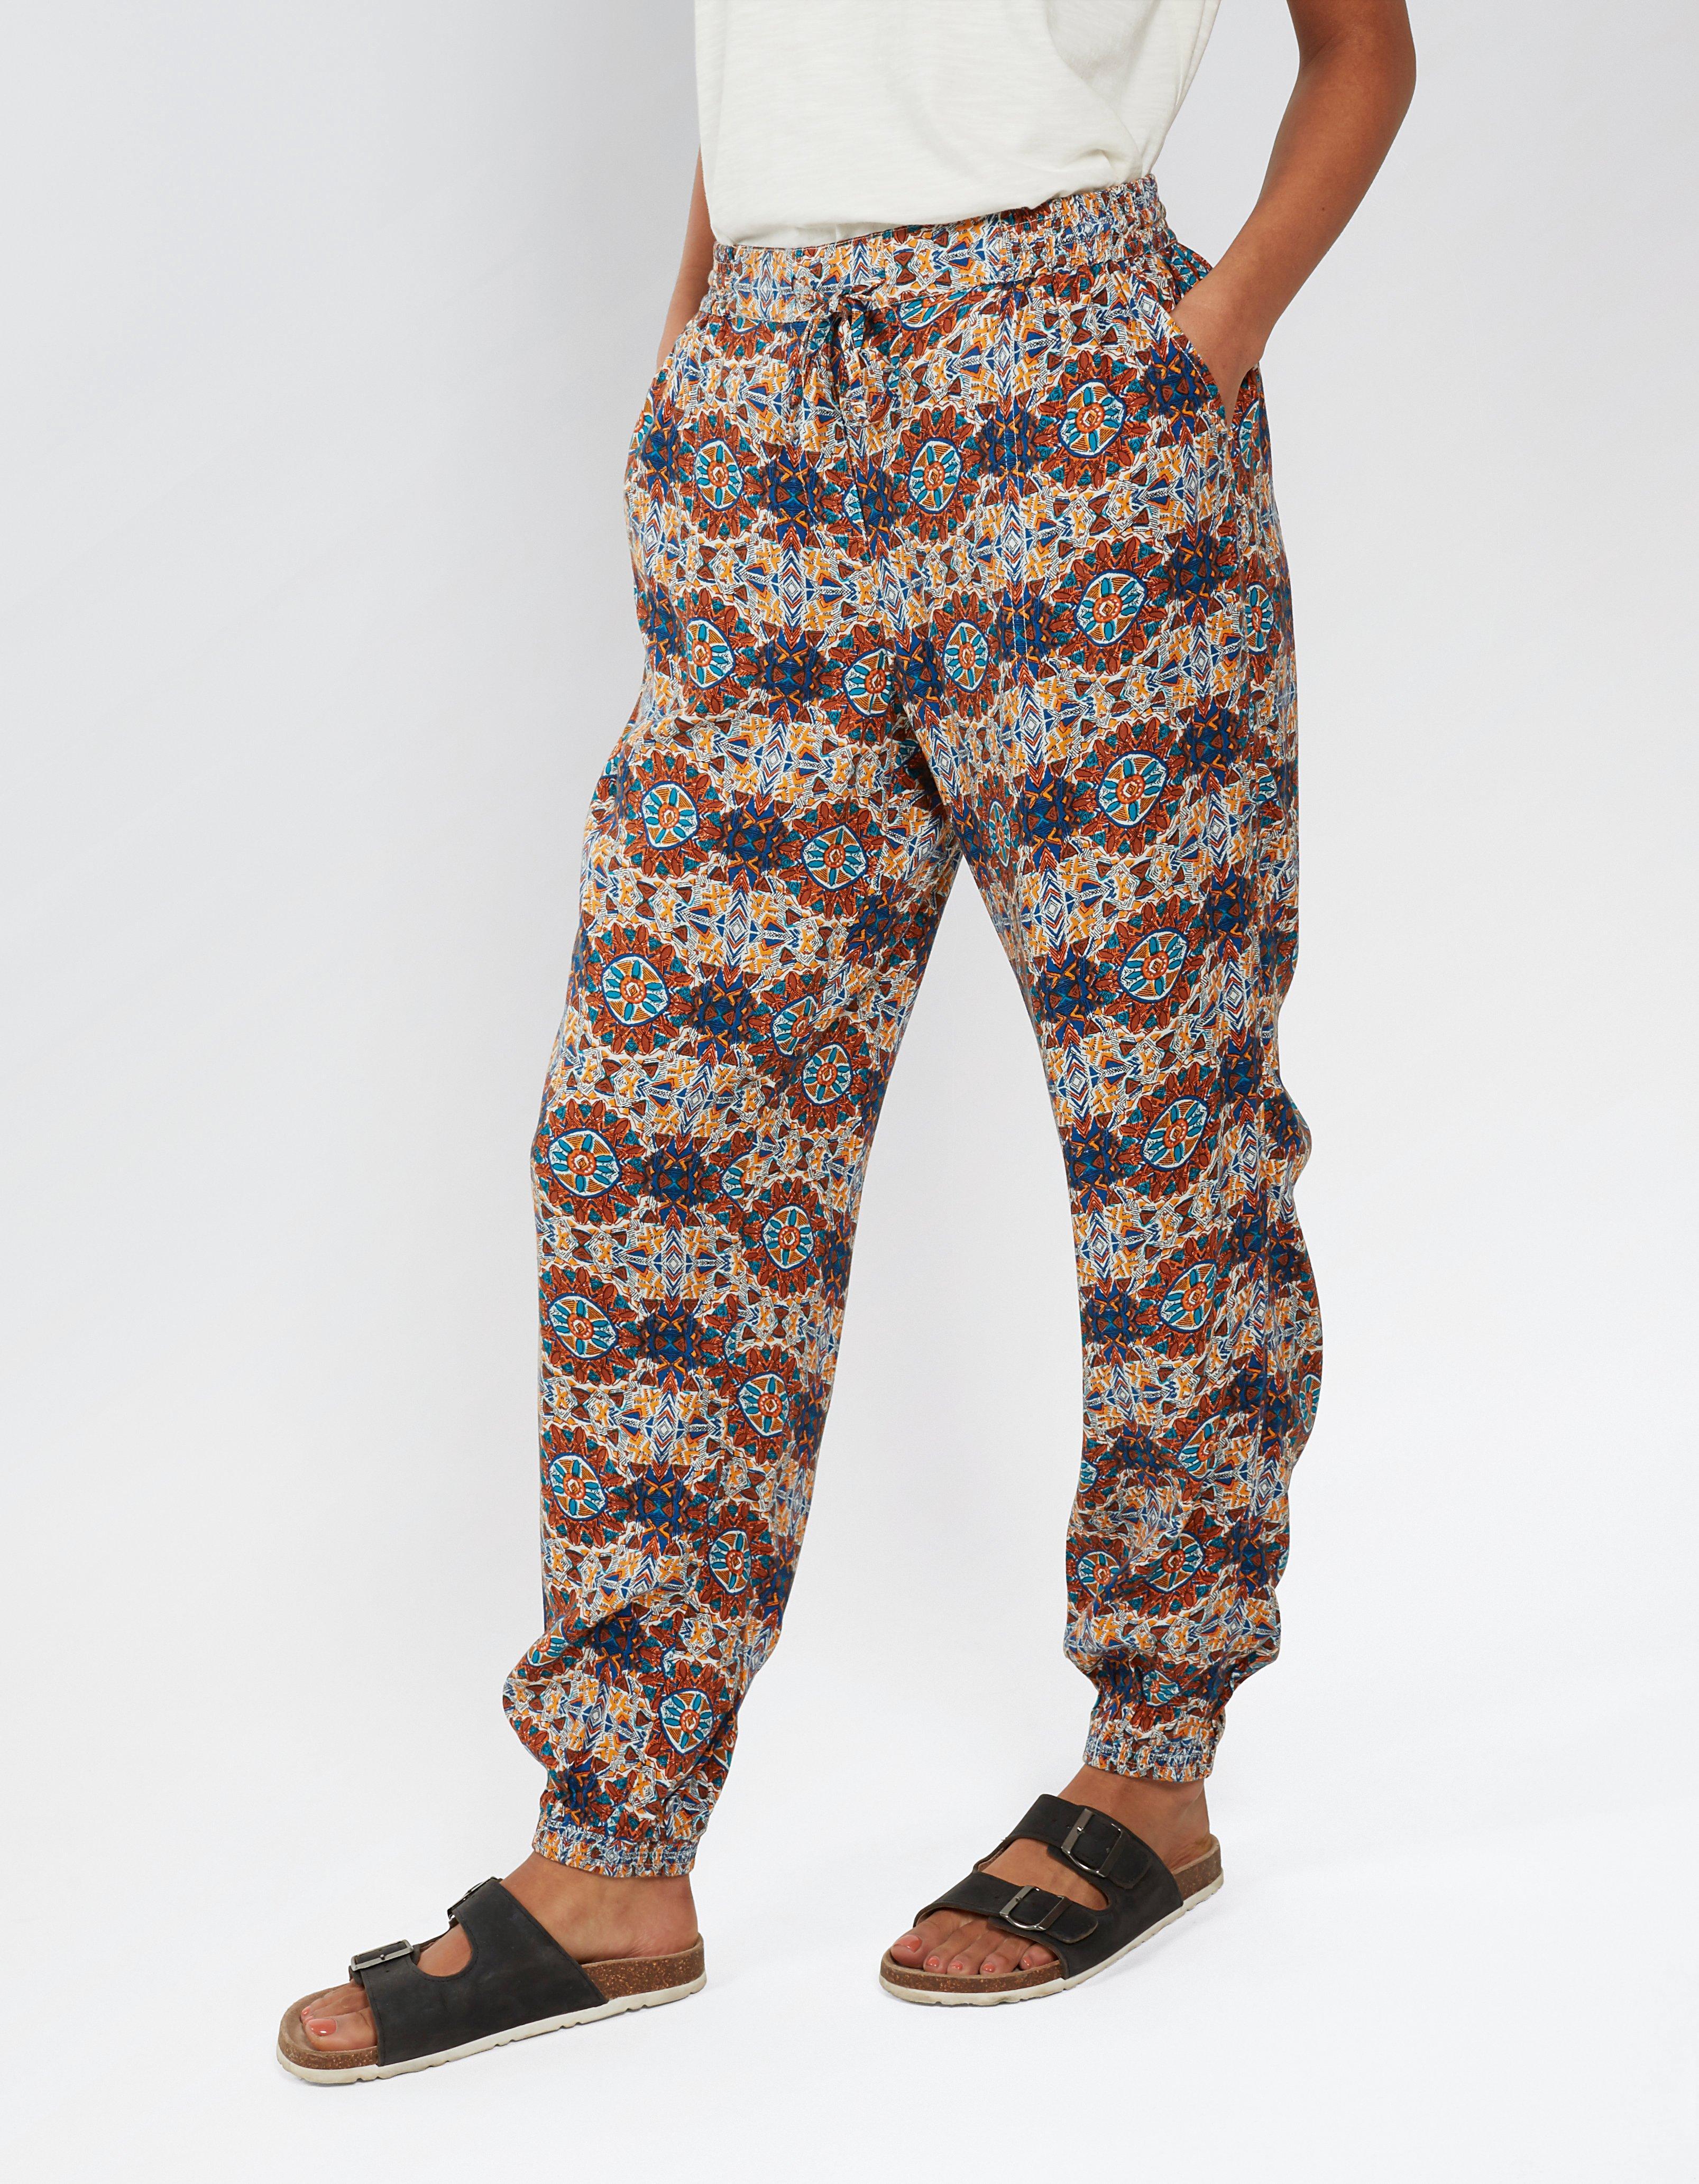 Kaleidoscope Cuffed Pants